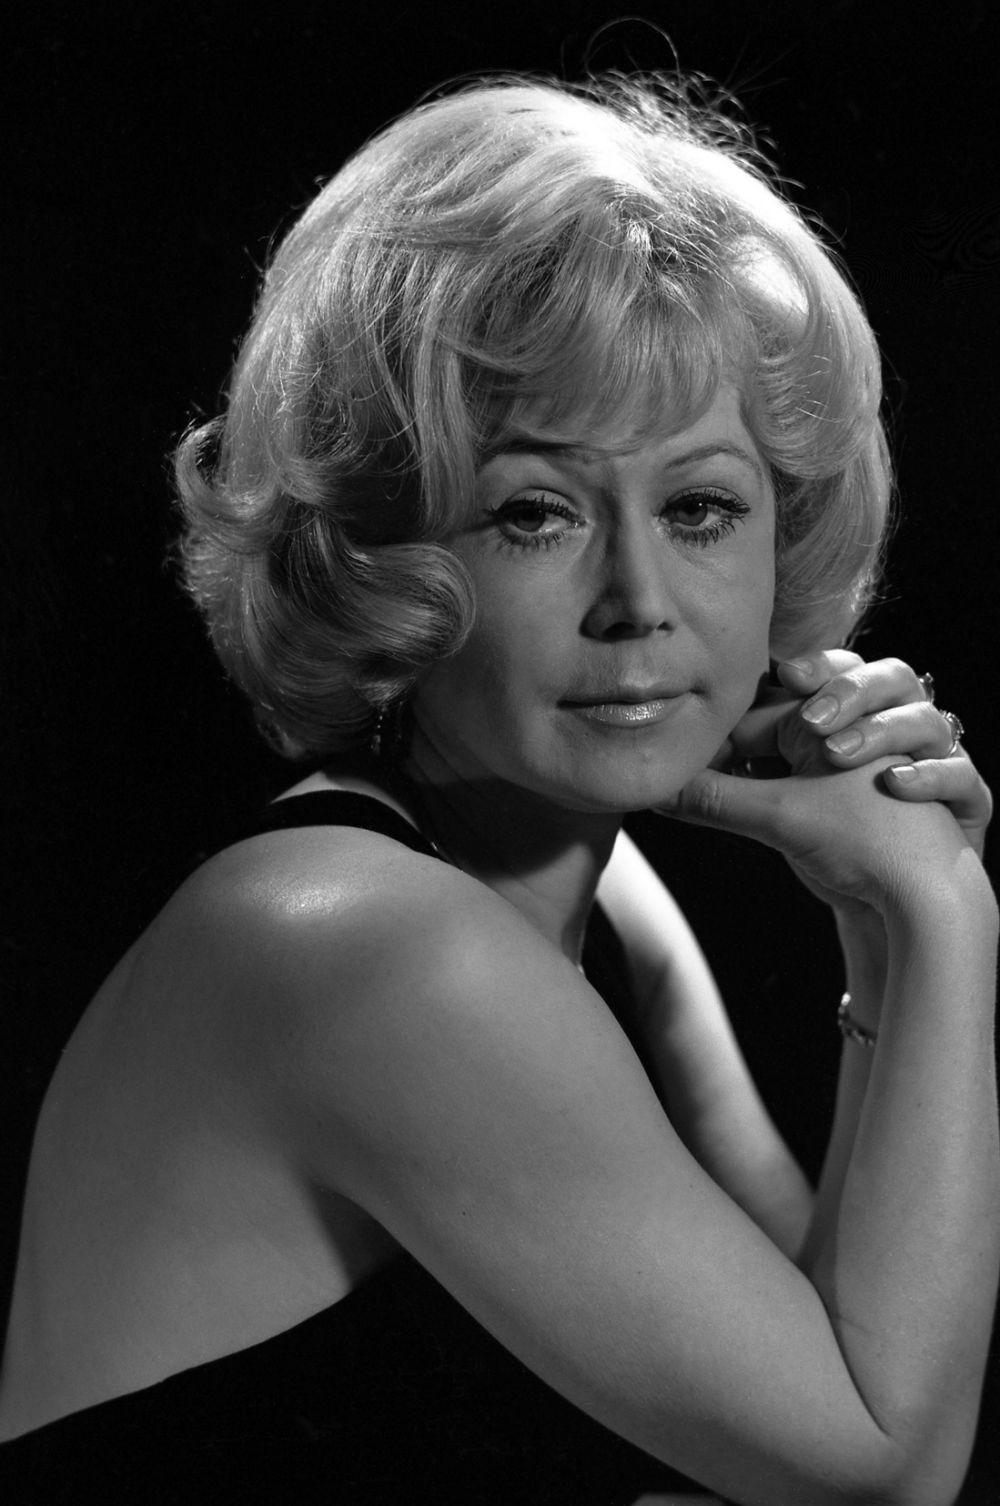 В театре Светлана Немоляева дебютировала ролью Офелии в «Гамлете». Спектакль с большим успехом шёл восемь лет подряд.